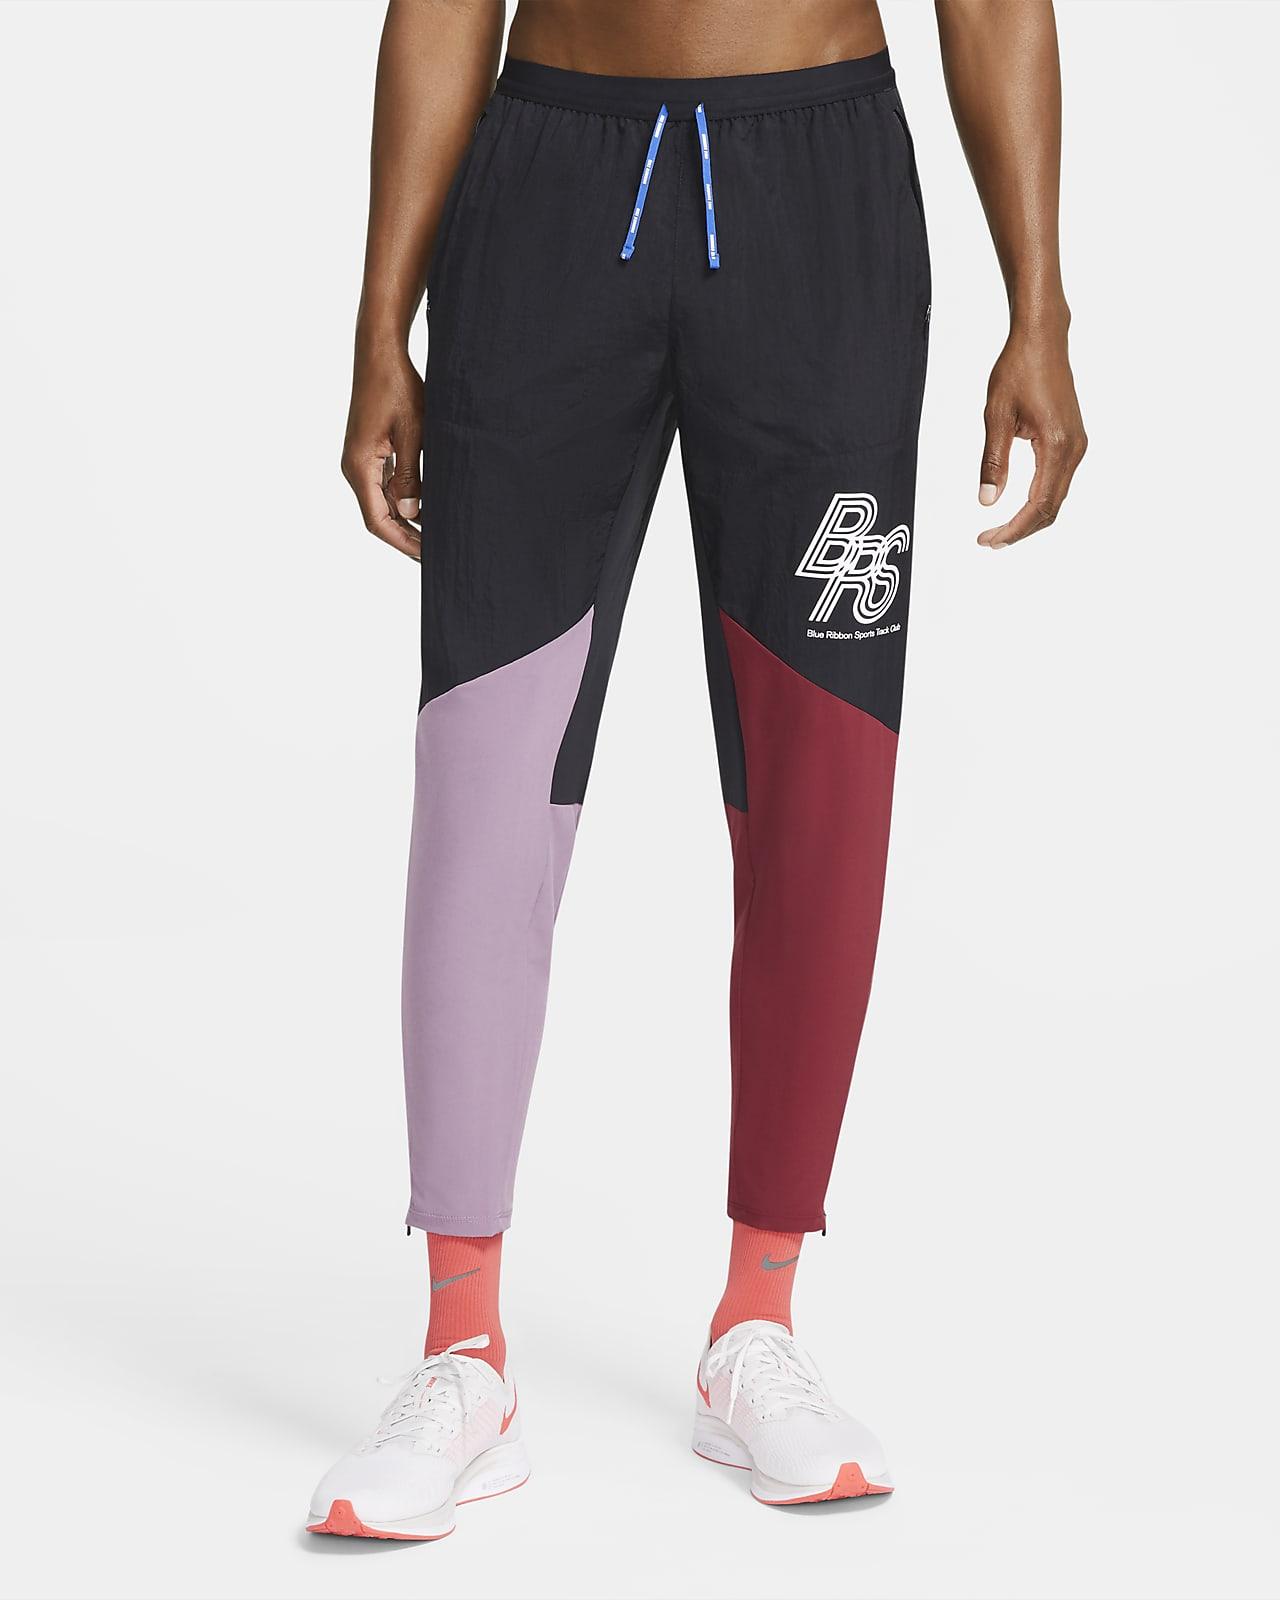 Pantaloni da running in tessuto Nike Phenom Elite BRS - Uomo